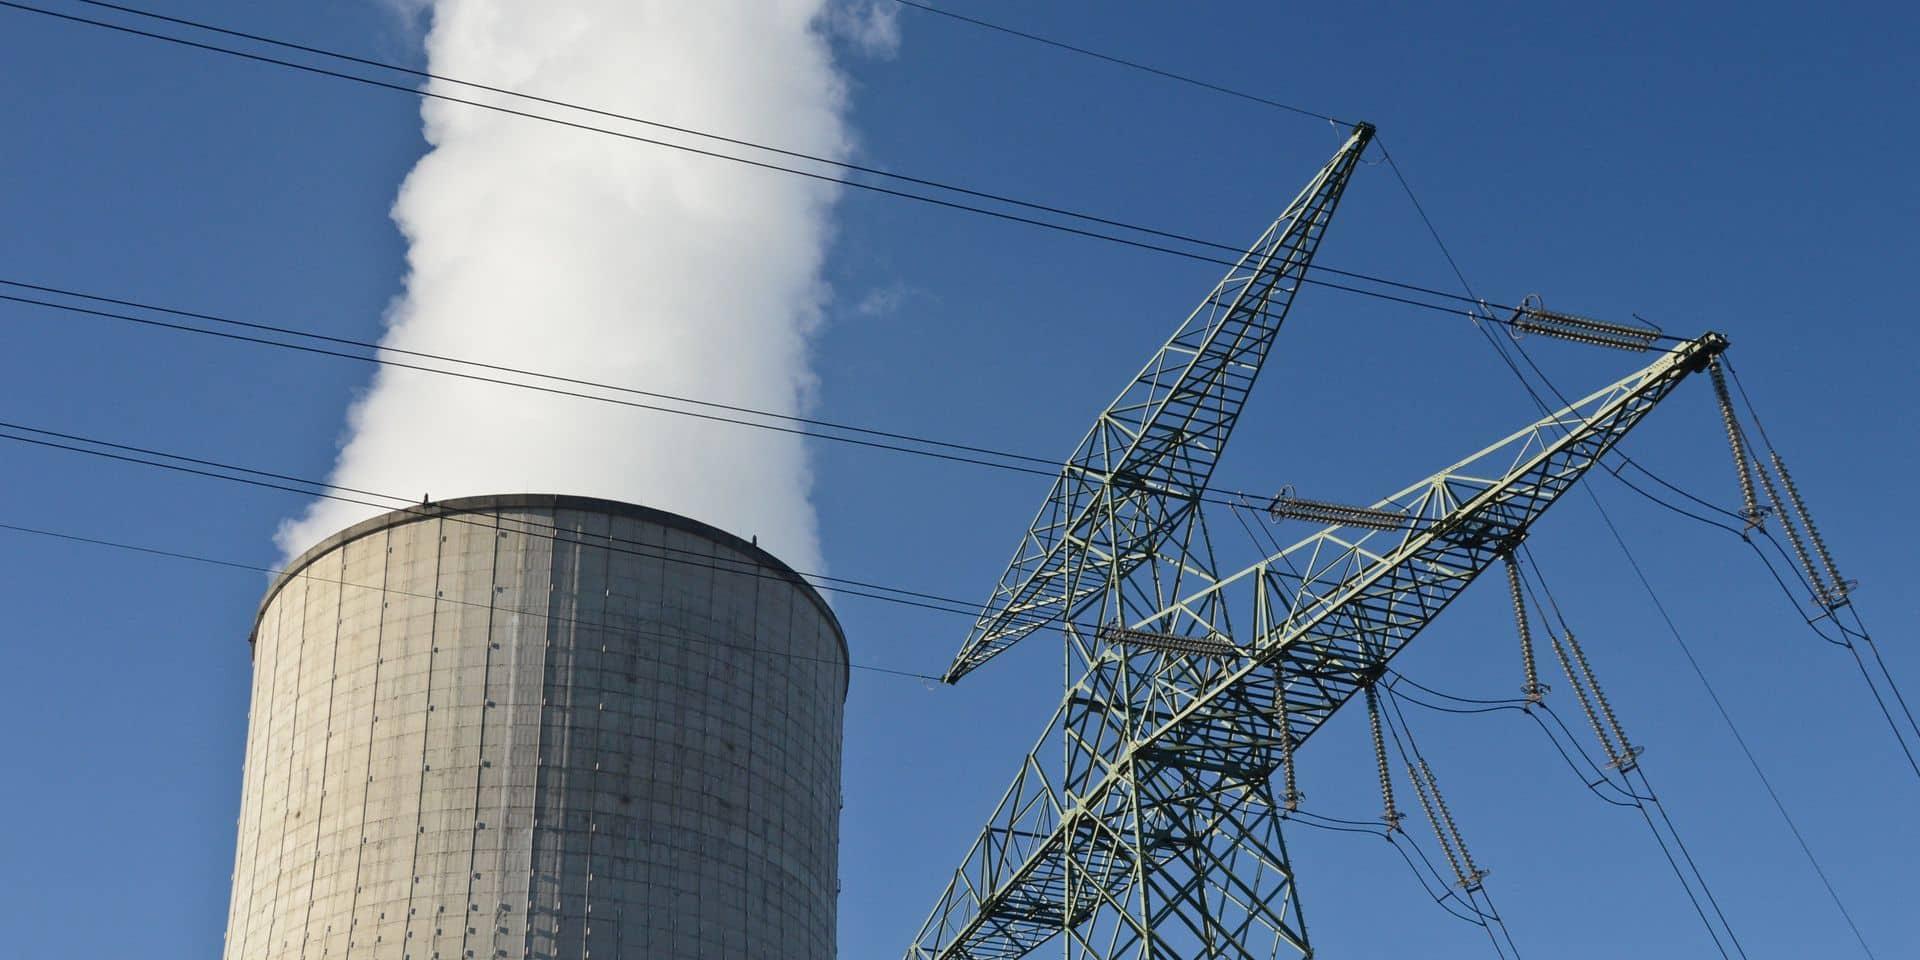 Les tarifs sociaux de l'énergie repartiront à la hausse le 1er octobre